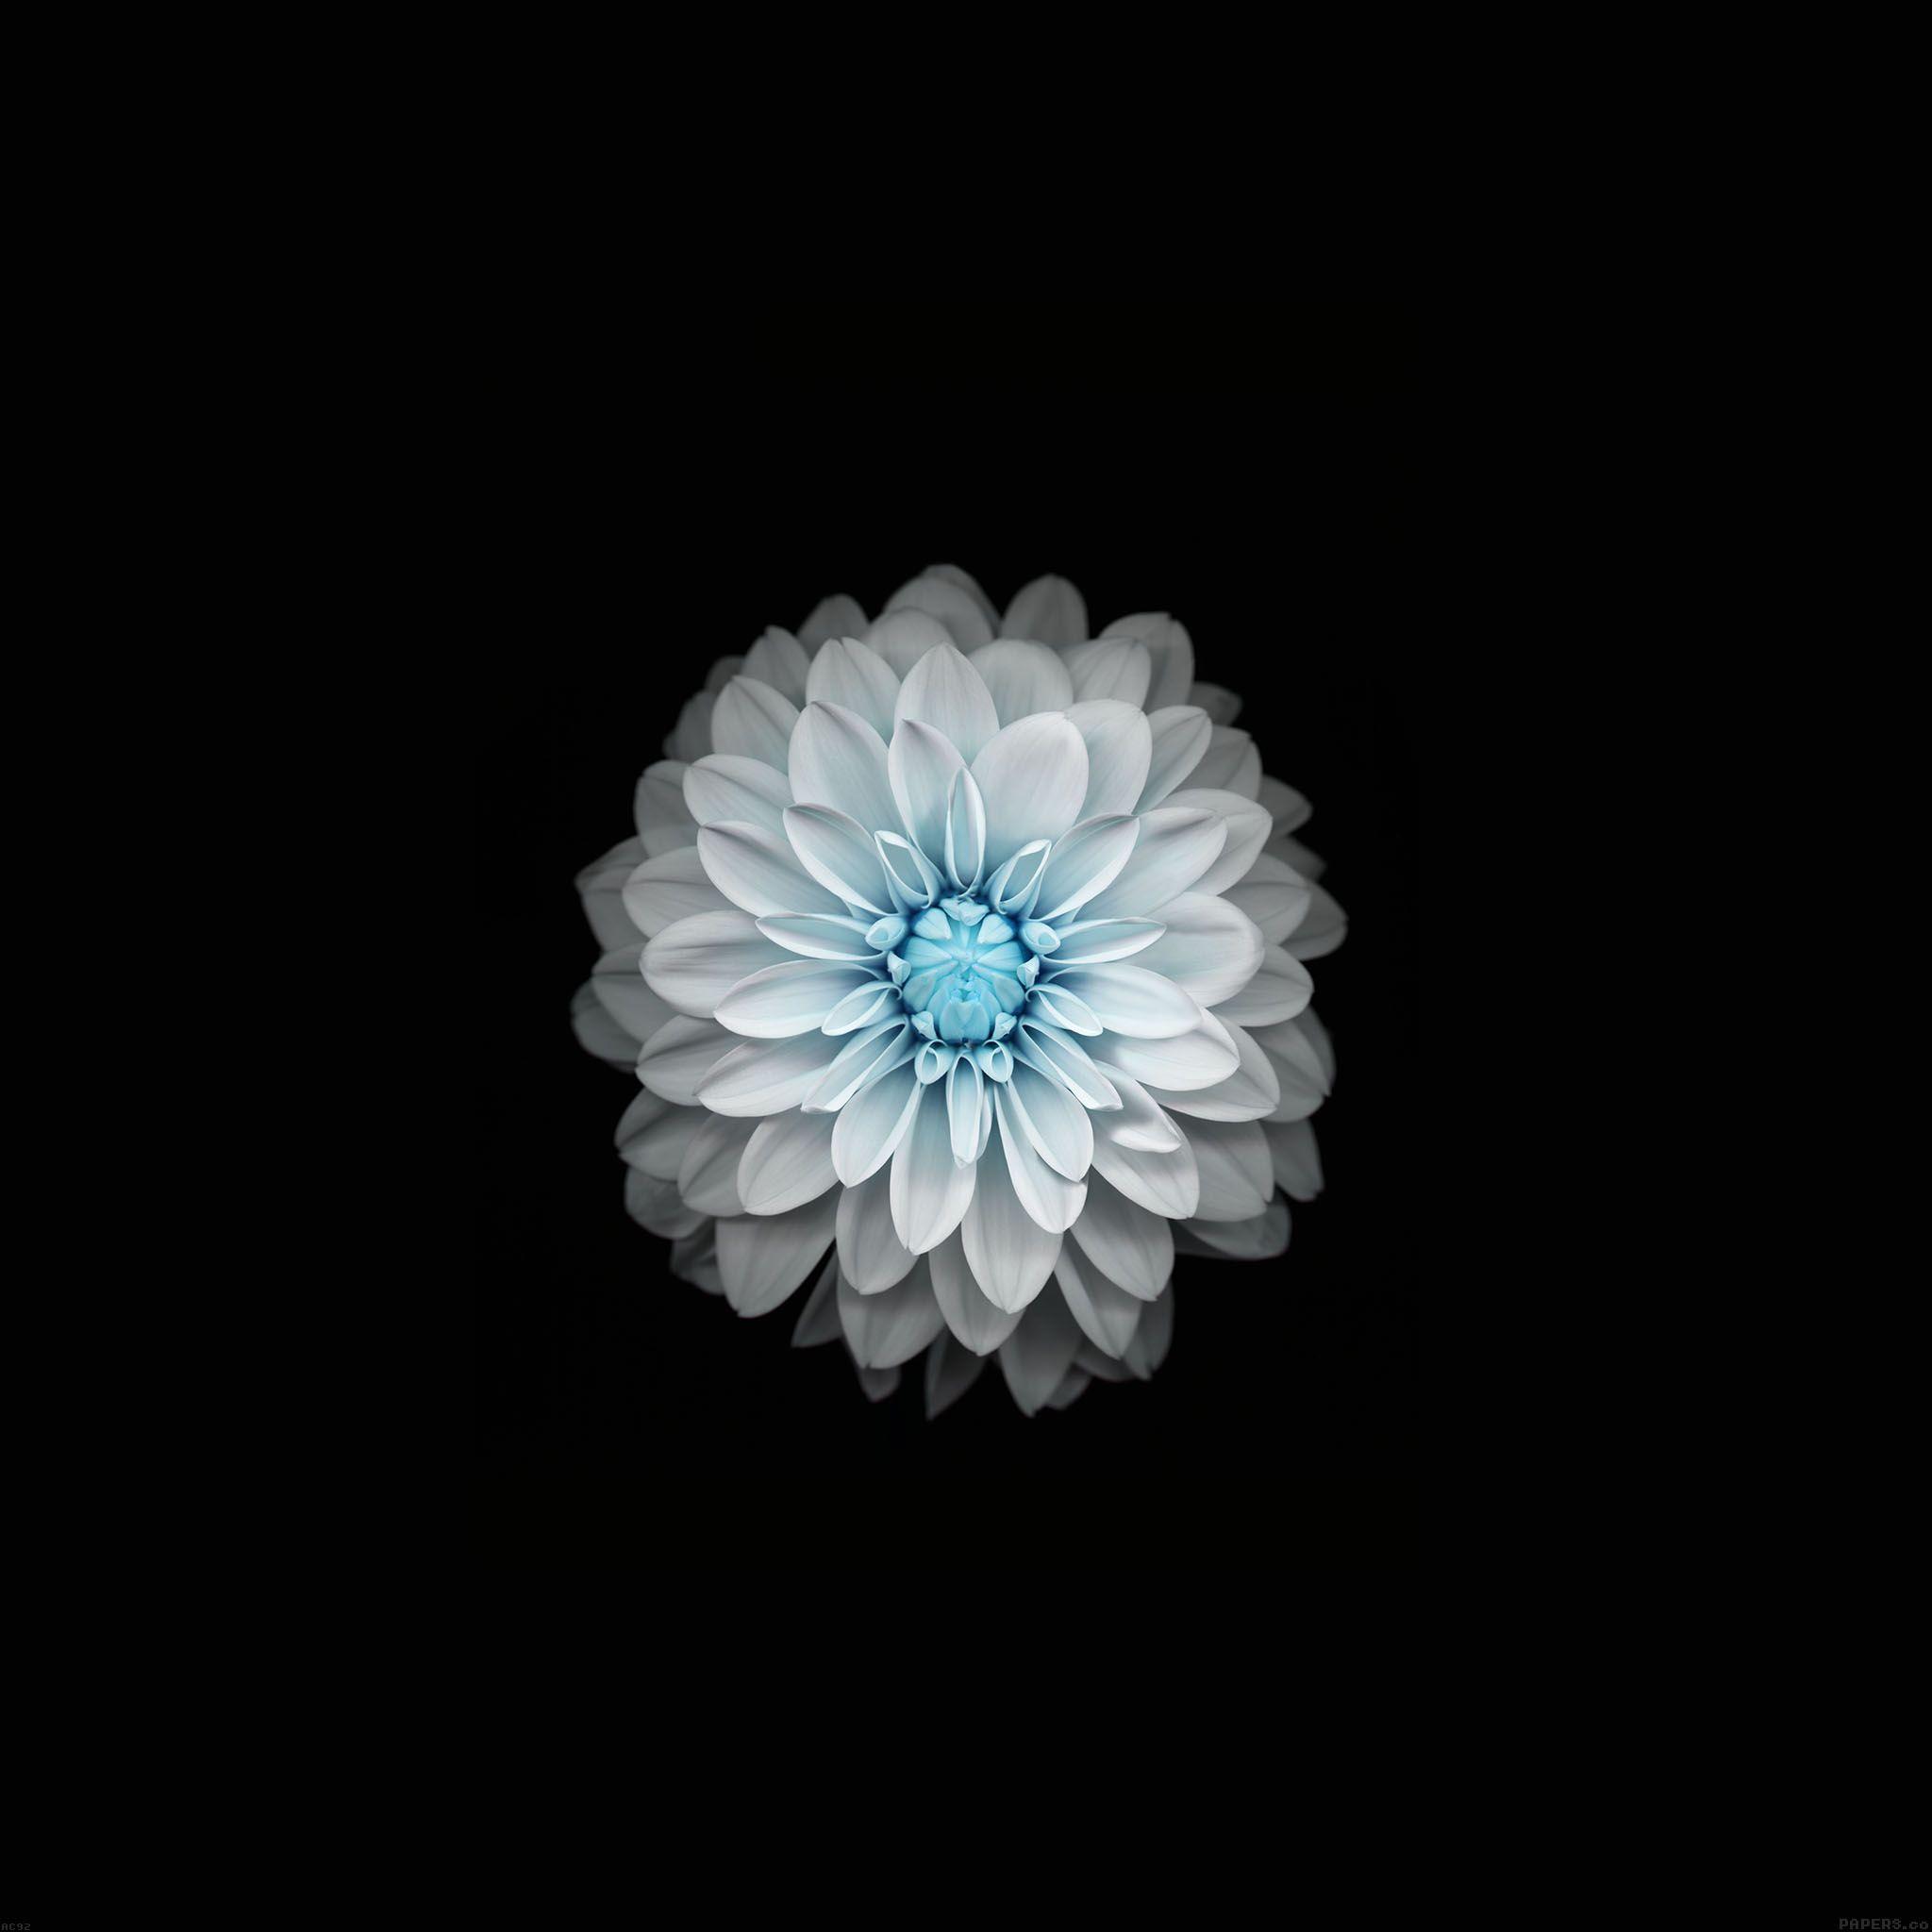 Fleur Blanche Fond D Ecran Android Hd Droidsoft